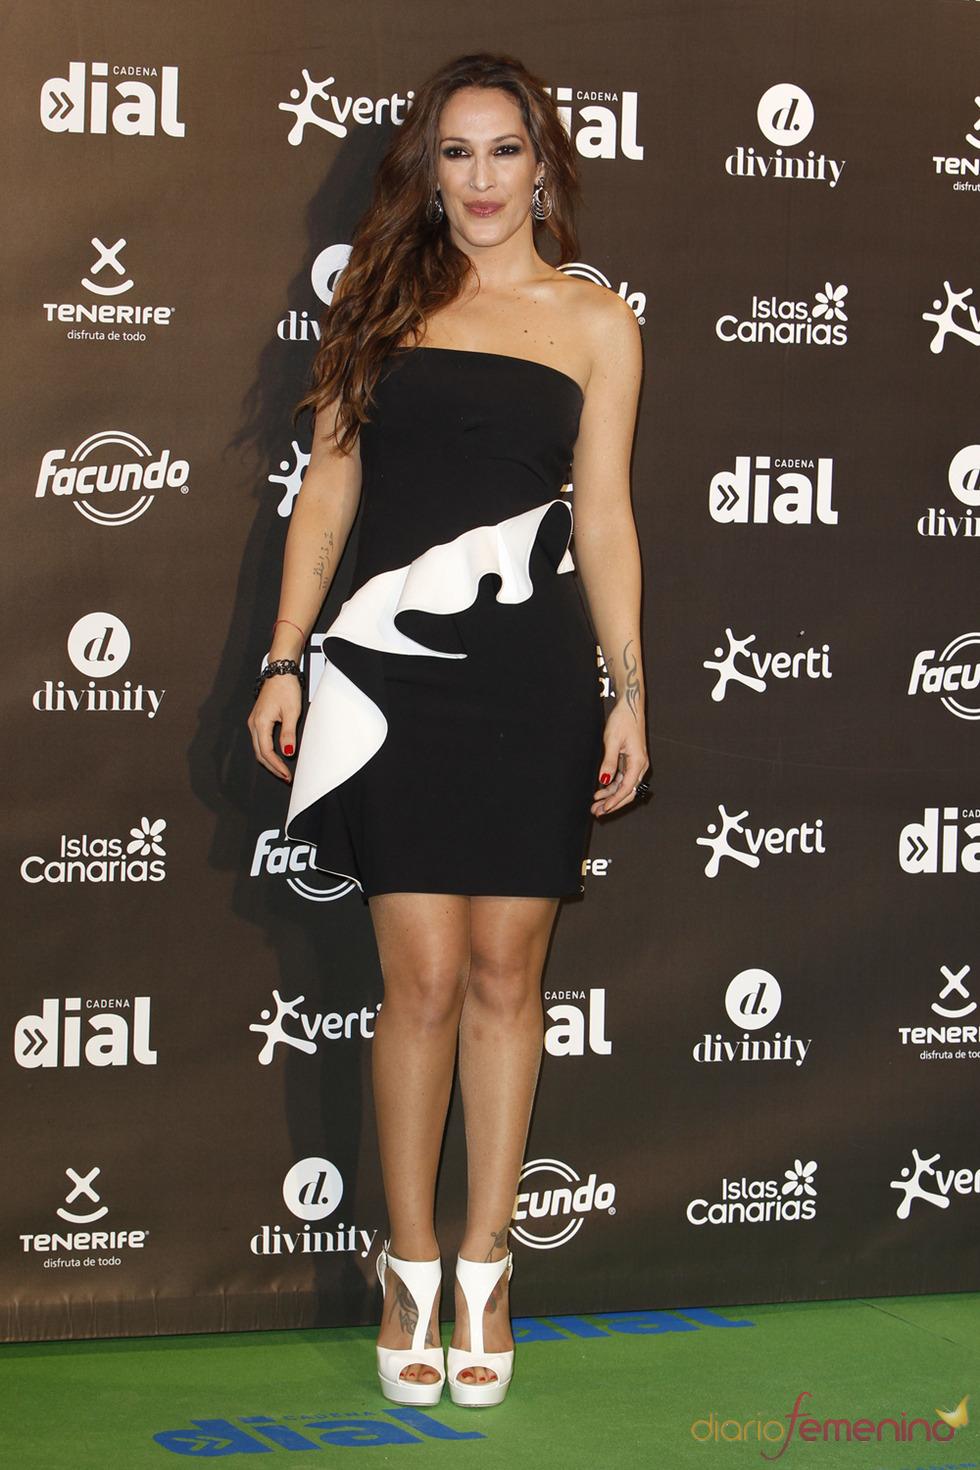 El look de Malú en los premios Cadena Dial a la música 2013